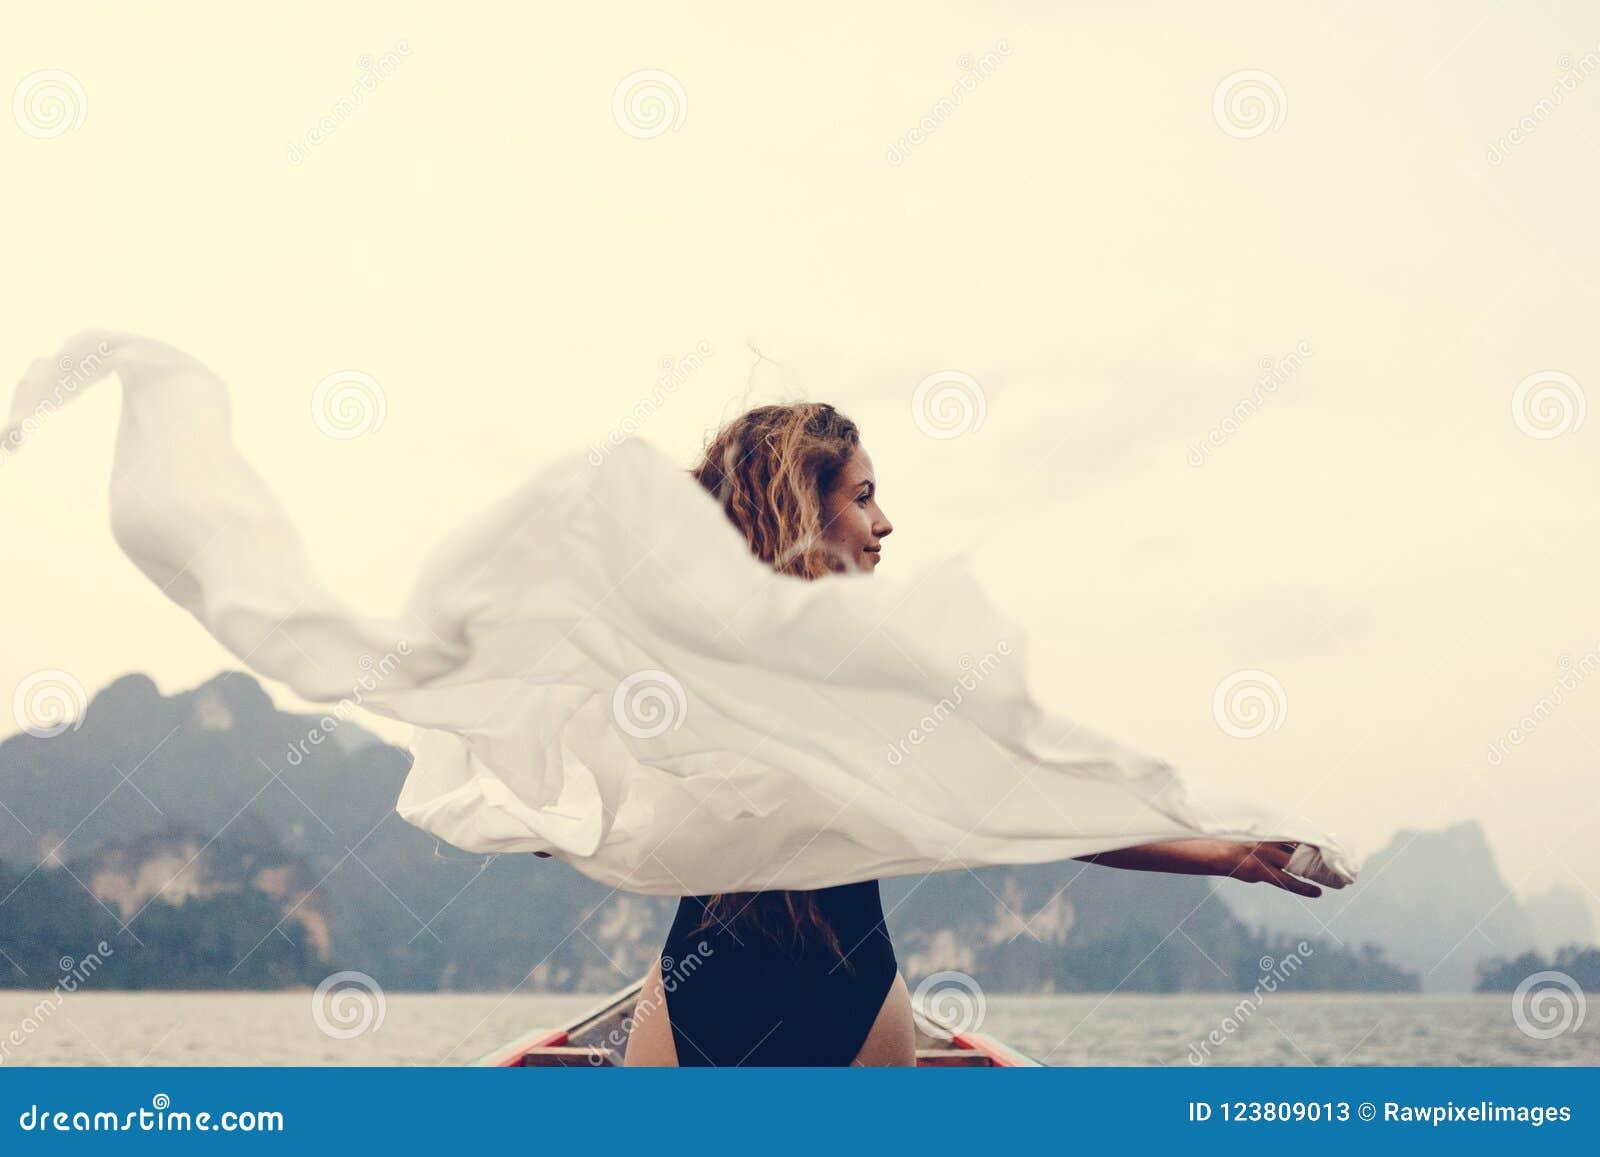 Salvaje y libere como el viento